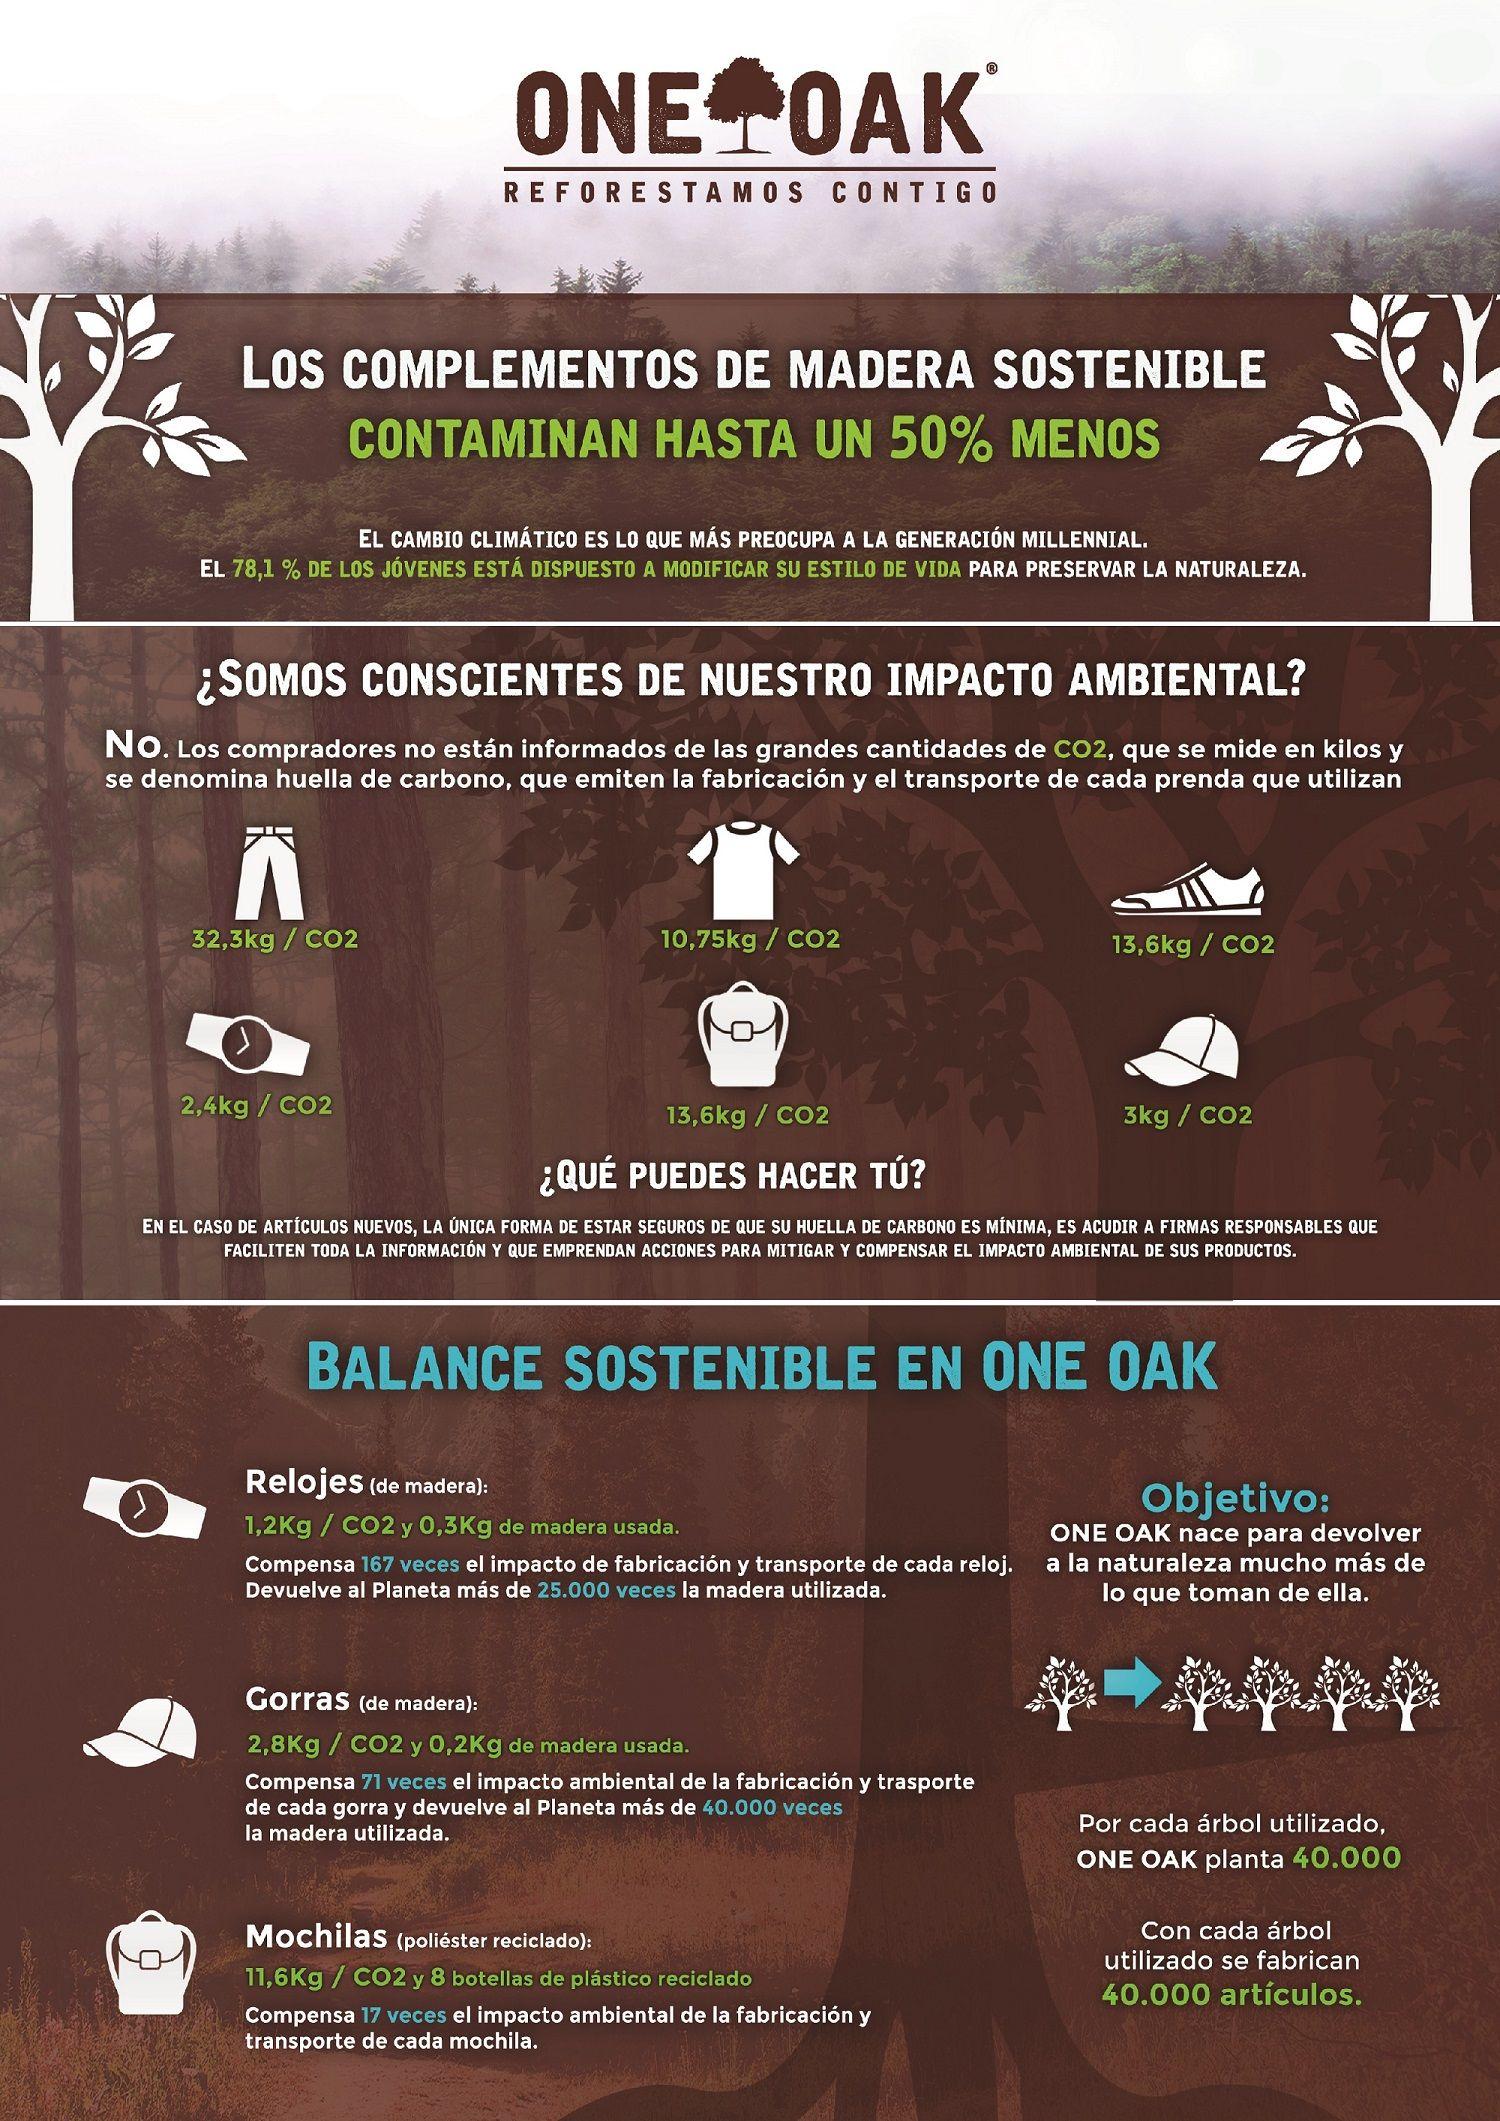 Foto de Los complementos de madera sostenible contaminan hasta un 50%